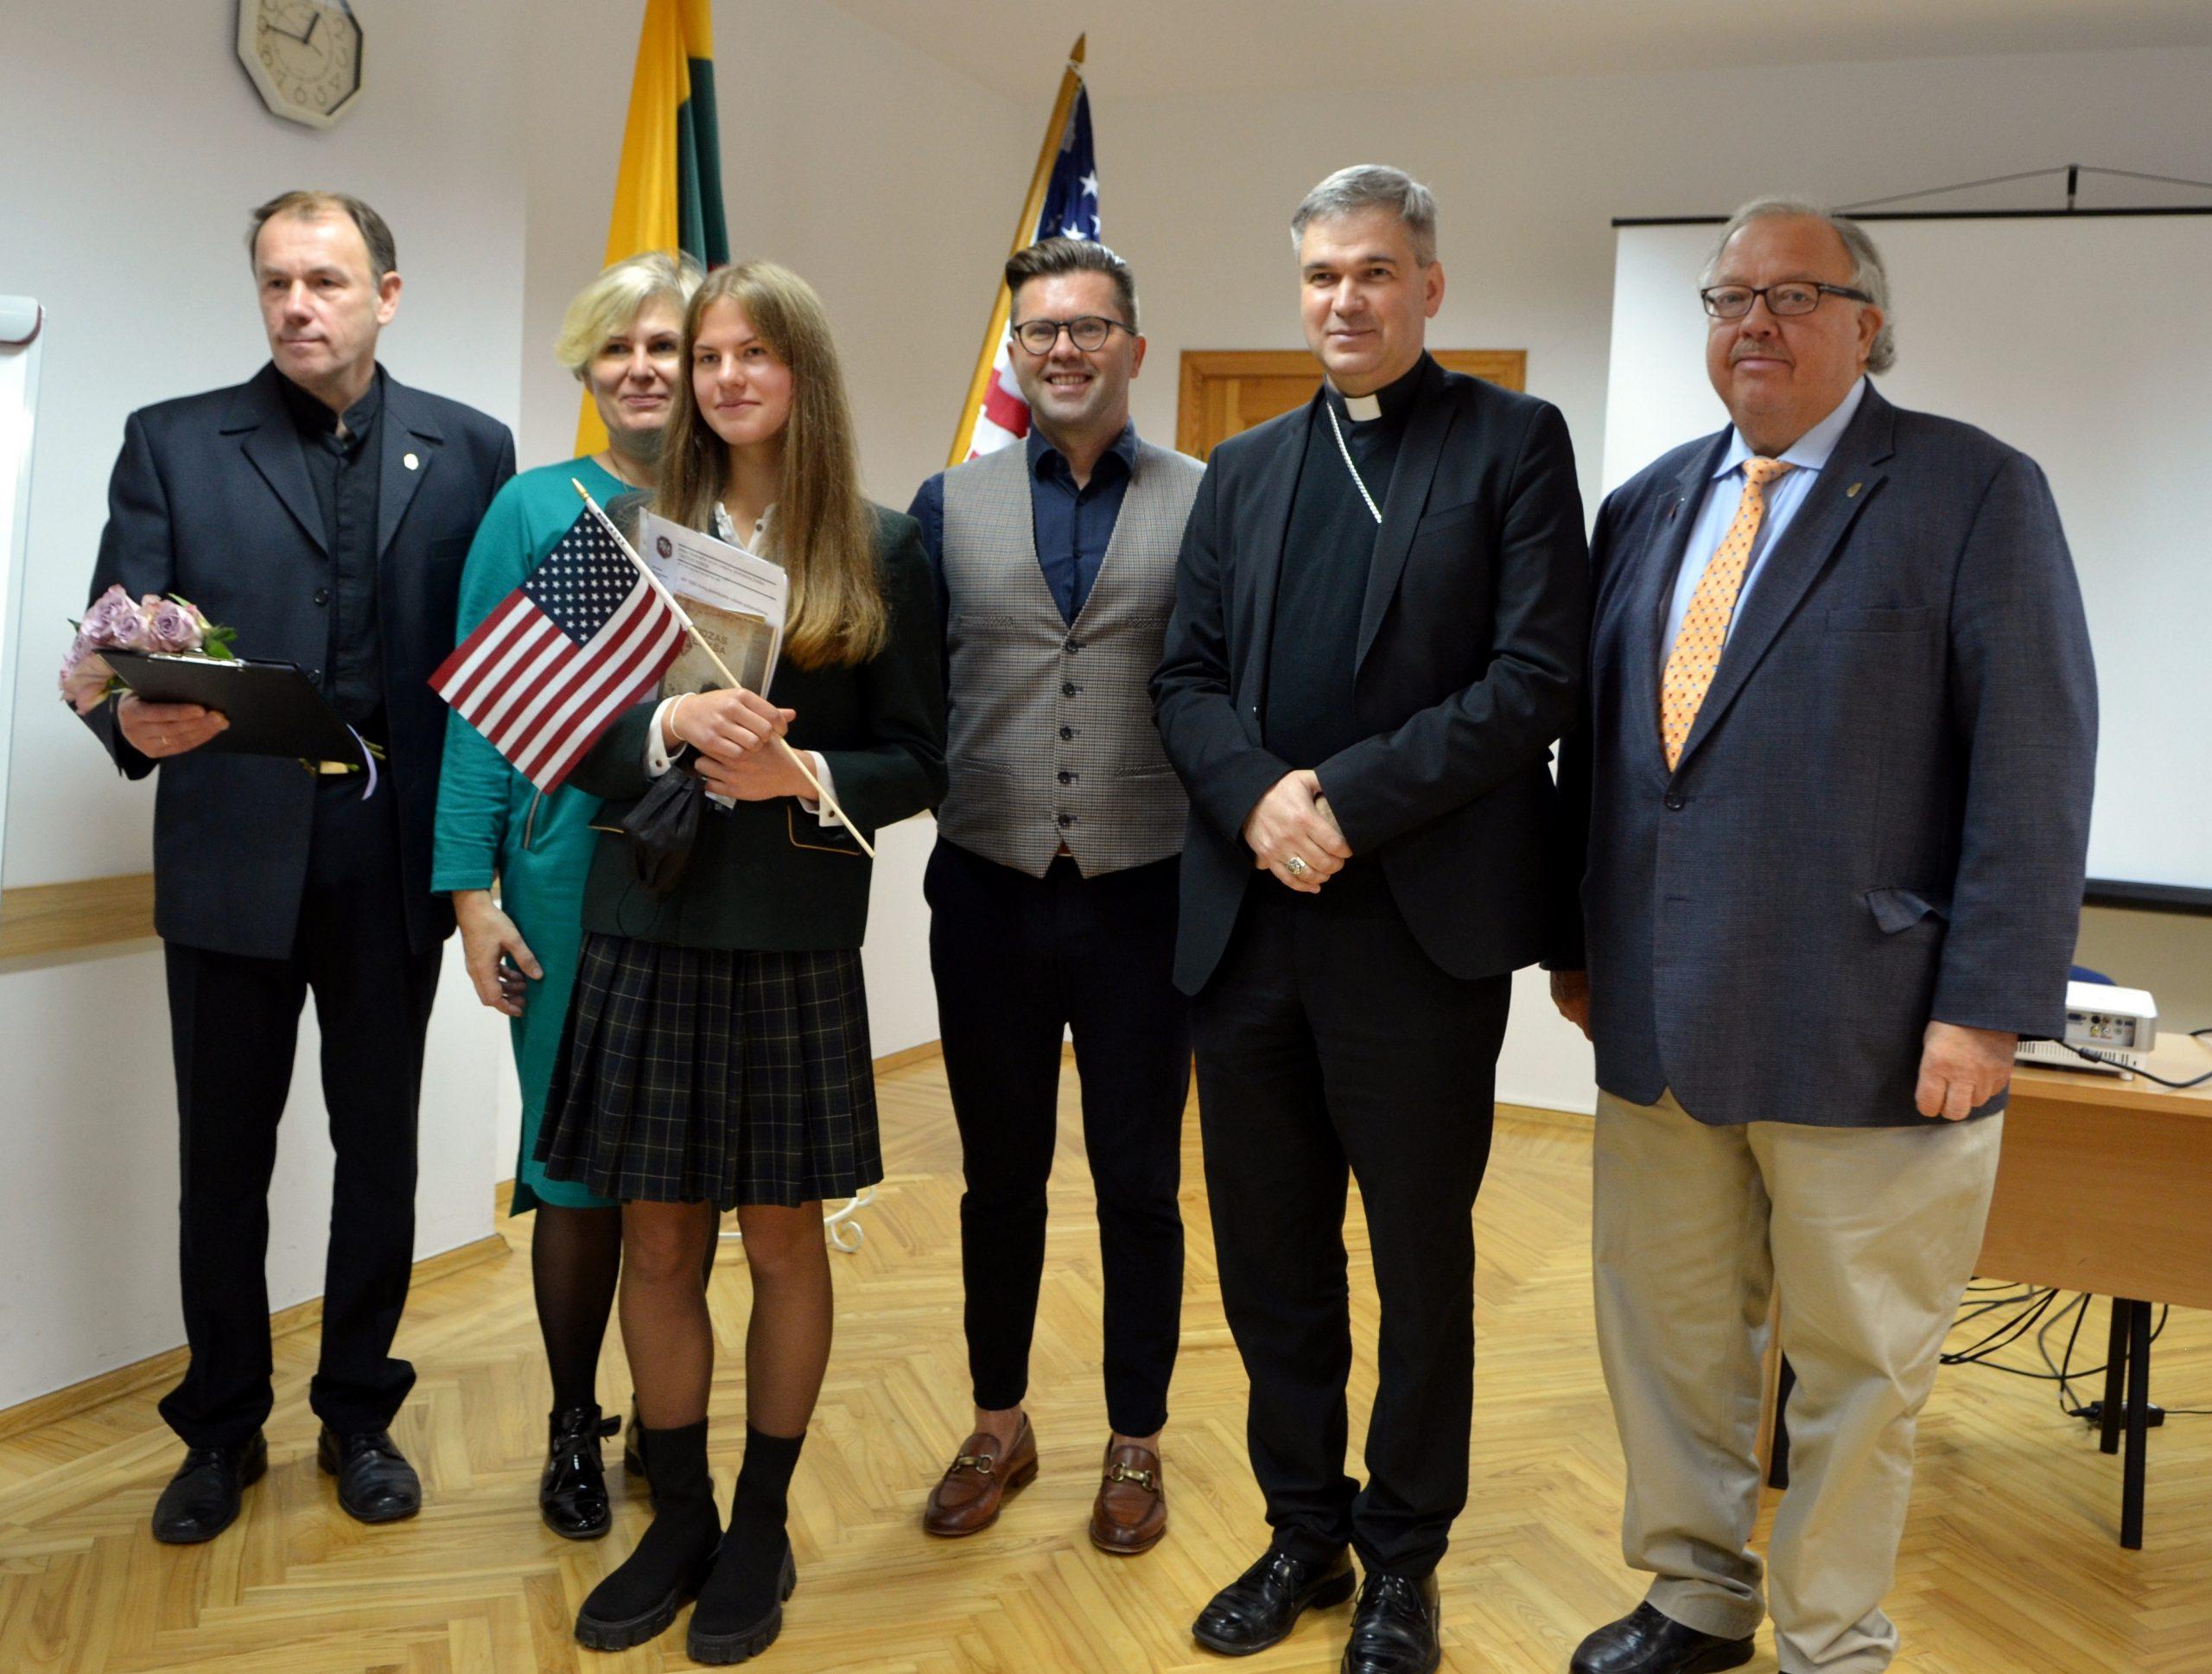 J.Giedraičio Tautos fondo stipendijų įteikimas Marijonų gimnazijoje